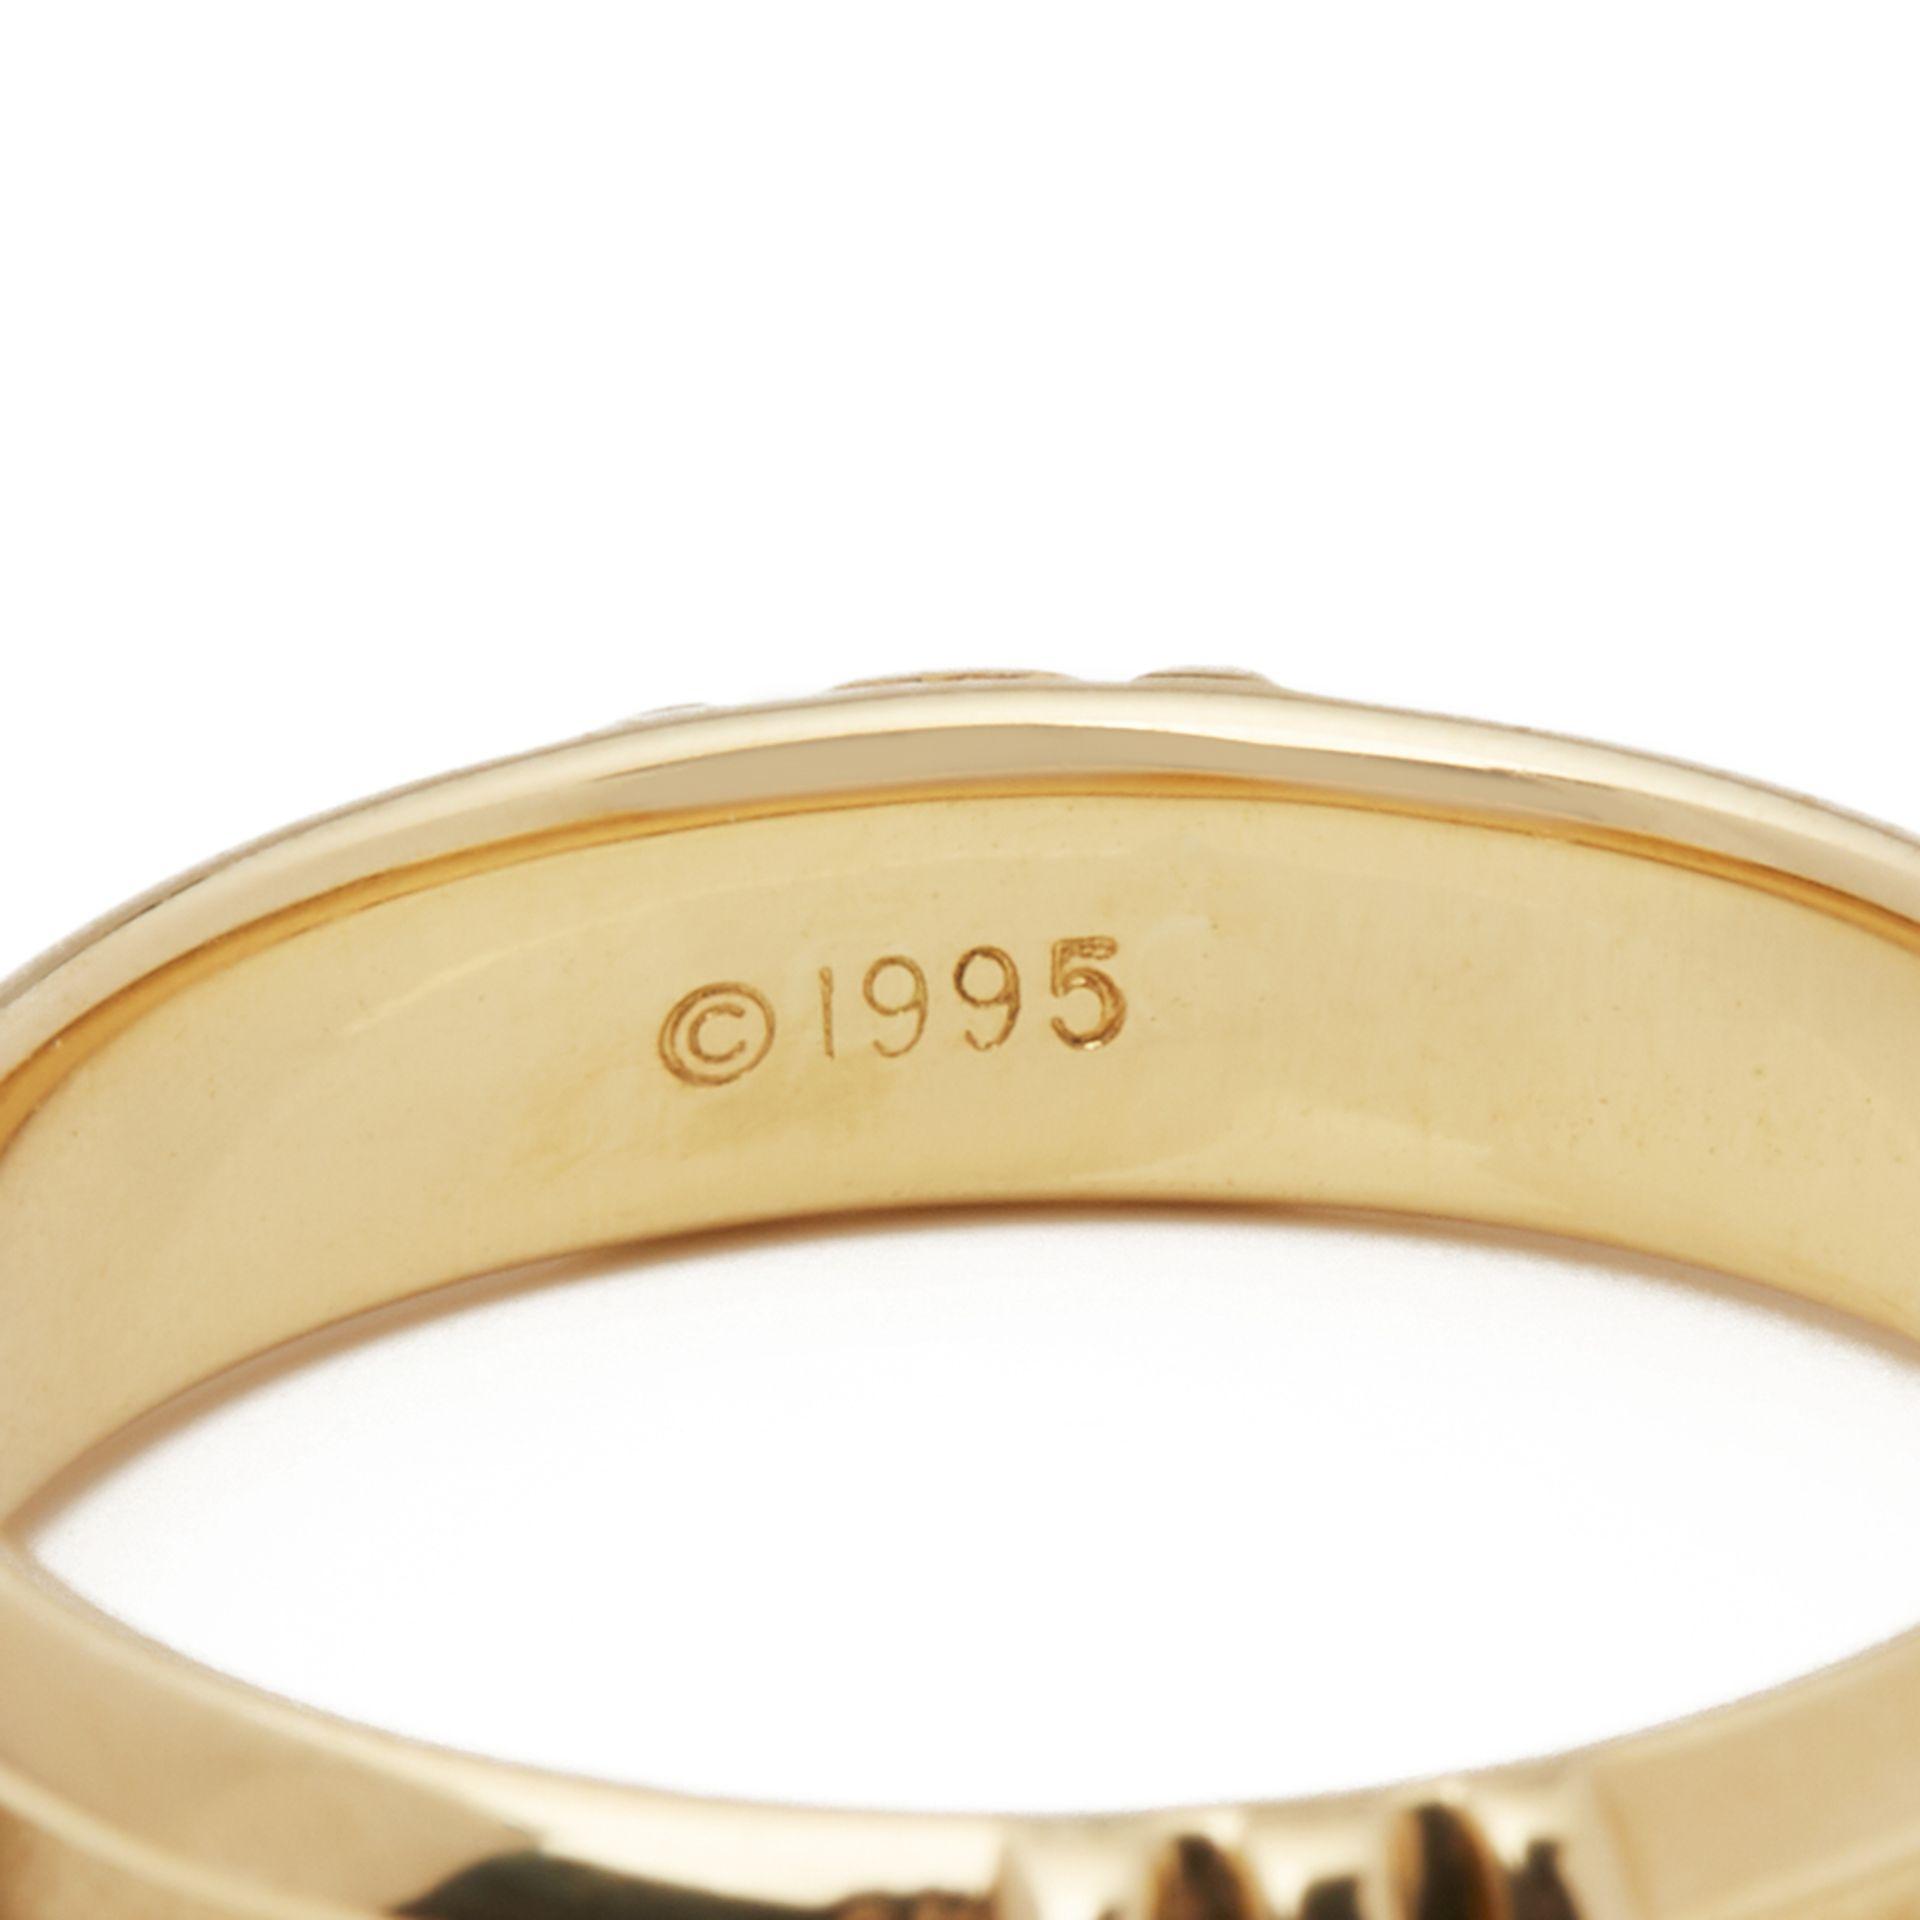 Lot 5 - 18k Yellow Gold 1995 Atlas Ring